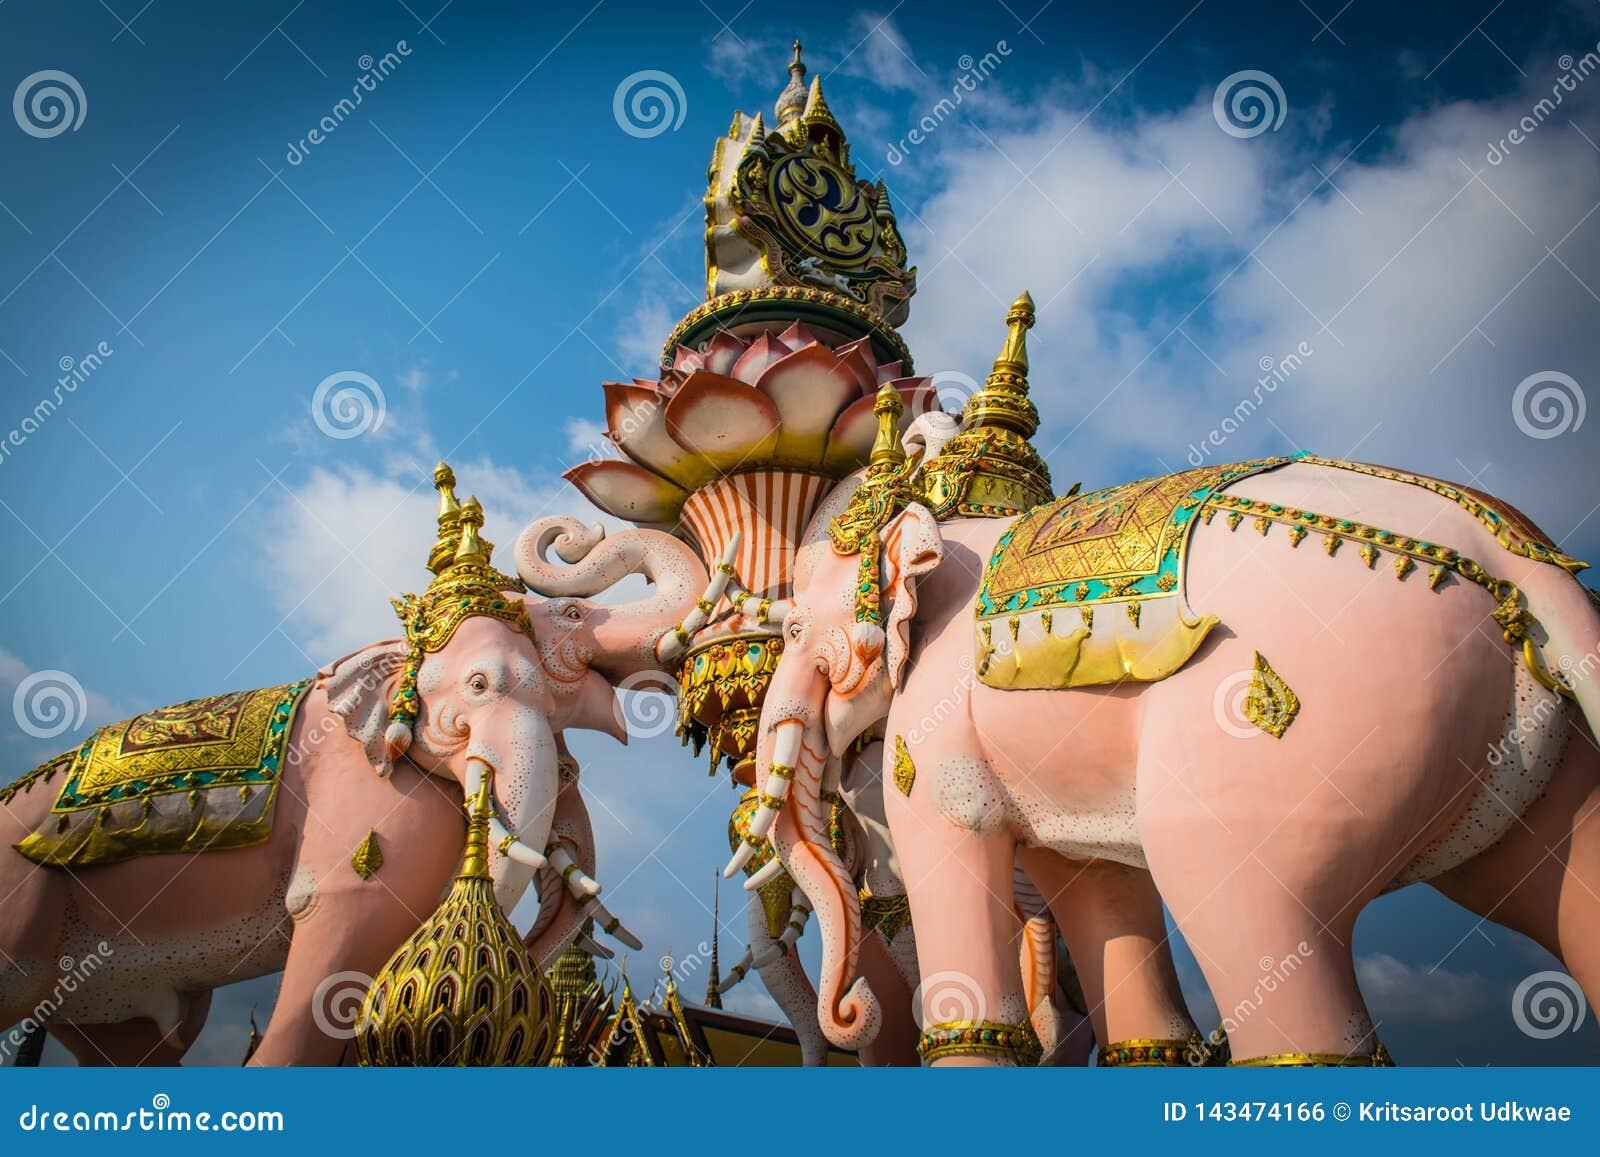 Tres estatuas de Erawan y rey de los símbolos de Tailandia en Wat Phra Kaew en Bangkok, Tailandia